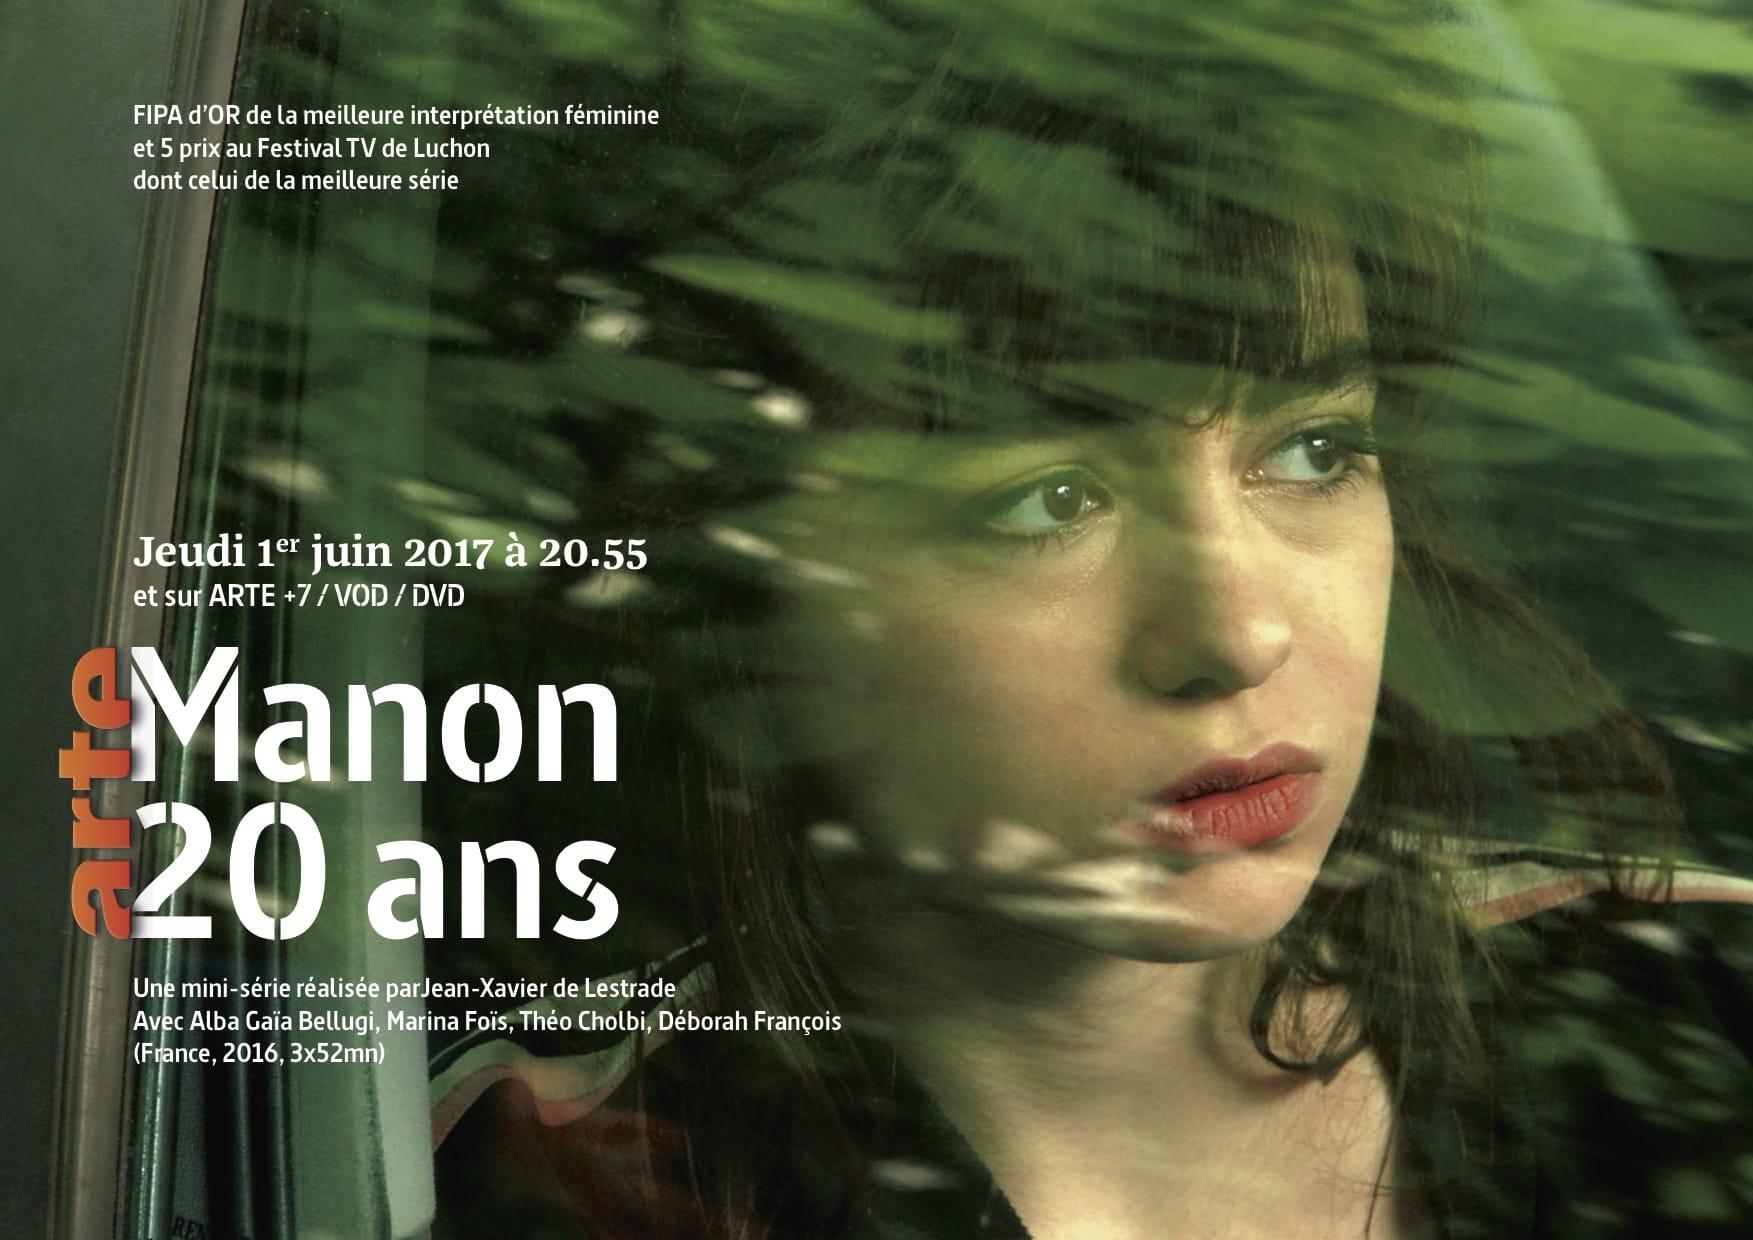 Manon 20 ans affiche